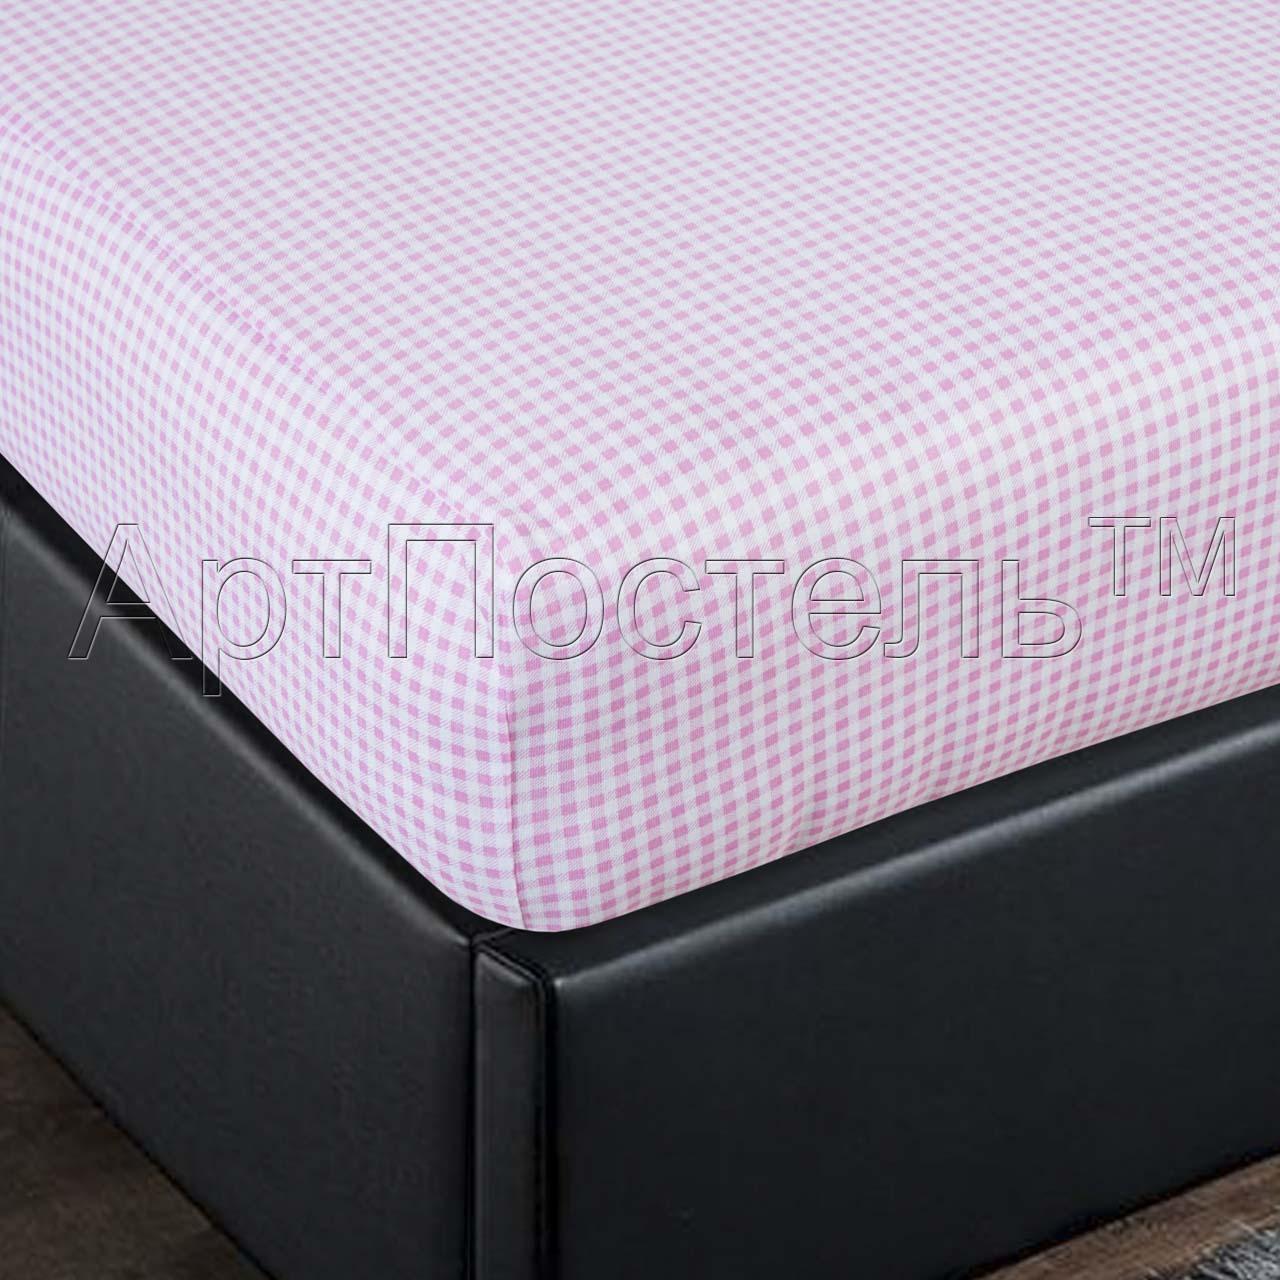 Простыня на резинке Клетка Розовый, размер 180х200 смПростыни<br>Плотность ткани: 145 г/кв. м <br>Высота матраса: 20 см<br><br>Тип: Простыня<br>Размер: 180х200<br>Материал: Кулирка